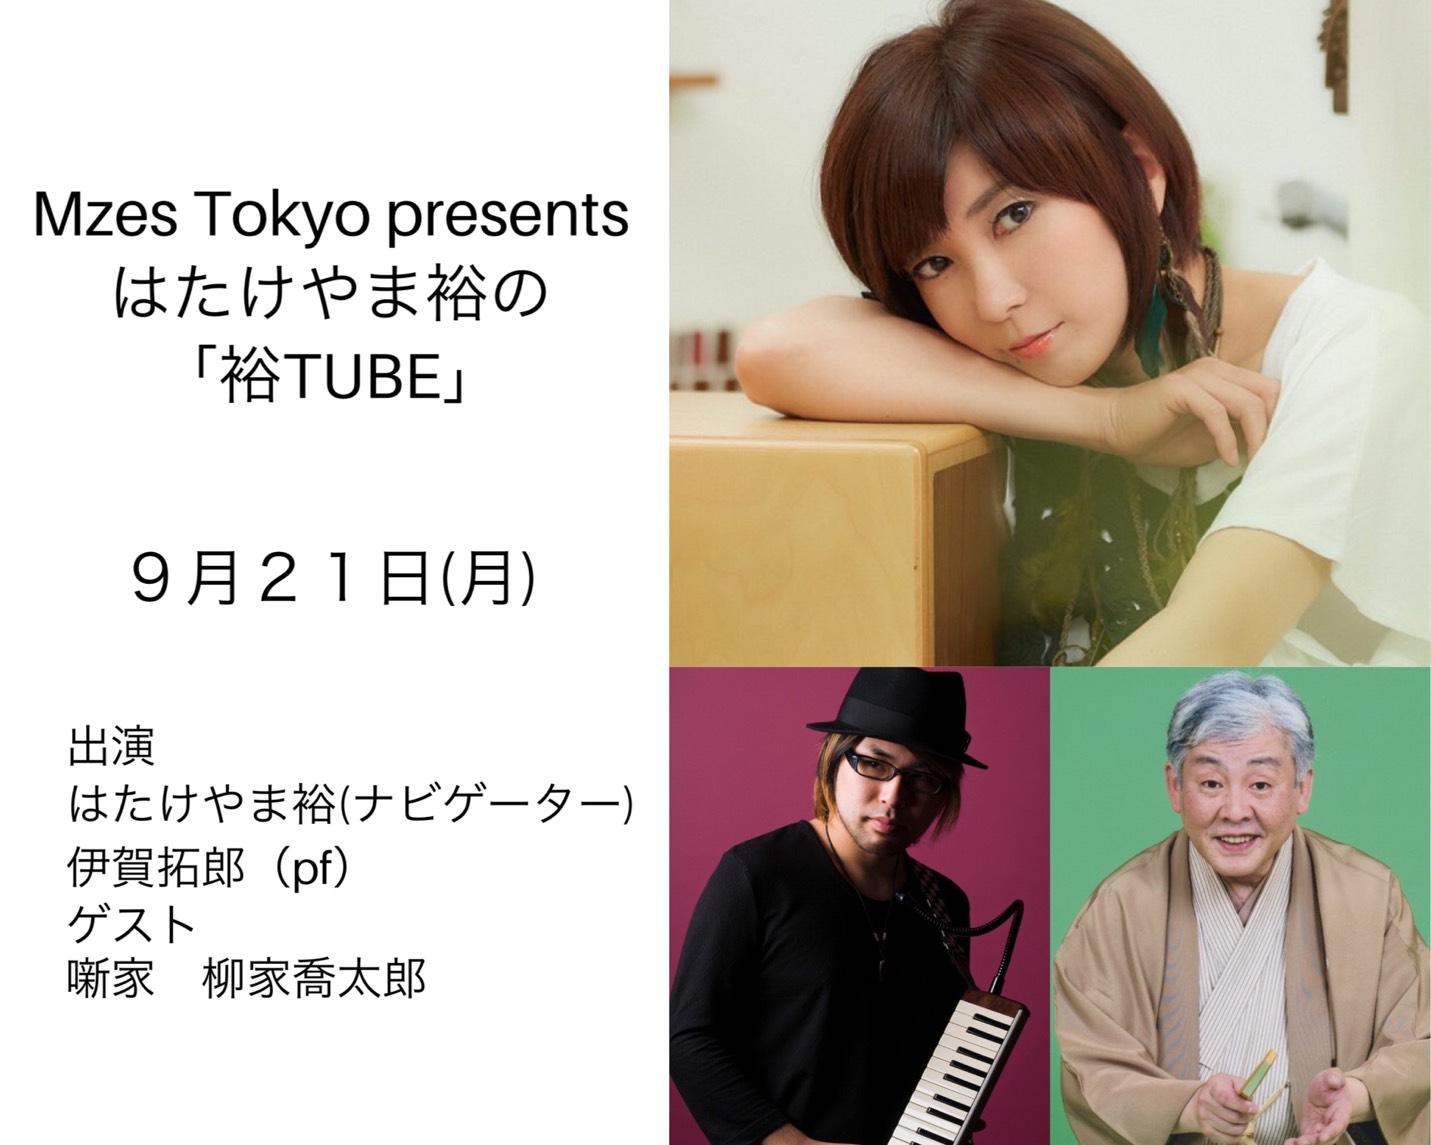 【配信】Mzes Tokyo presents はたけやま裕の「裕TUBE」